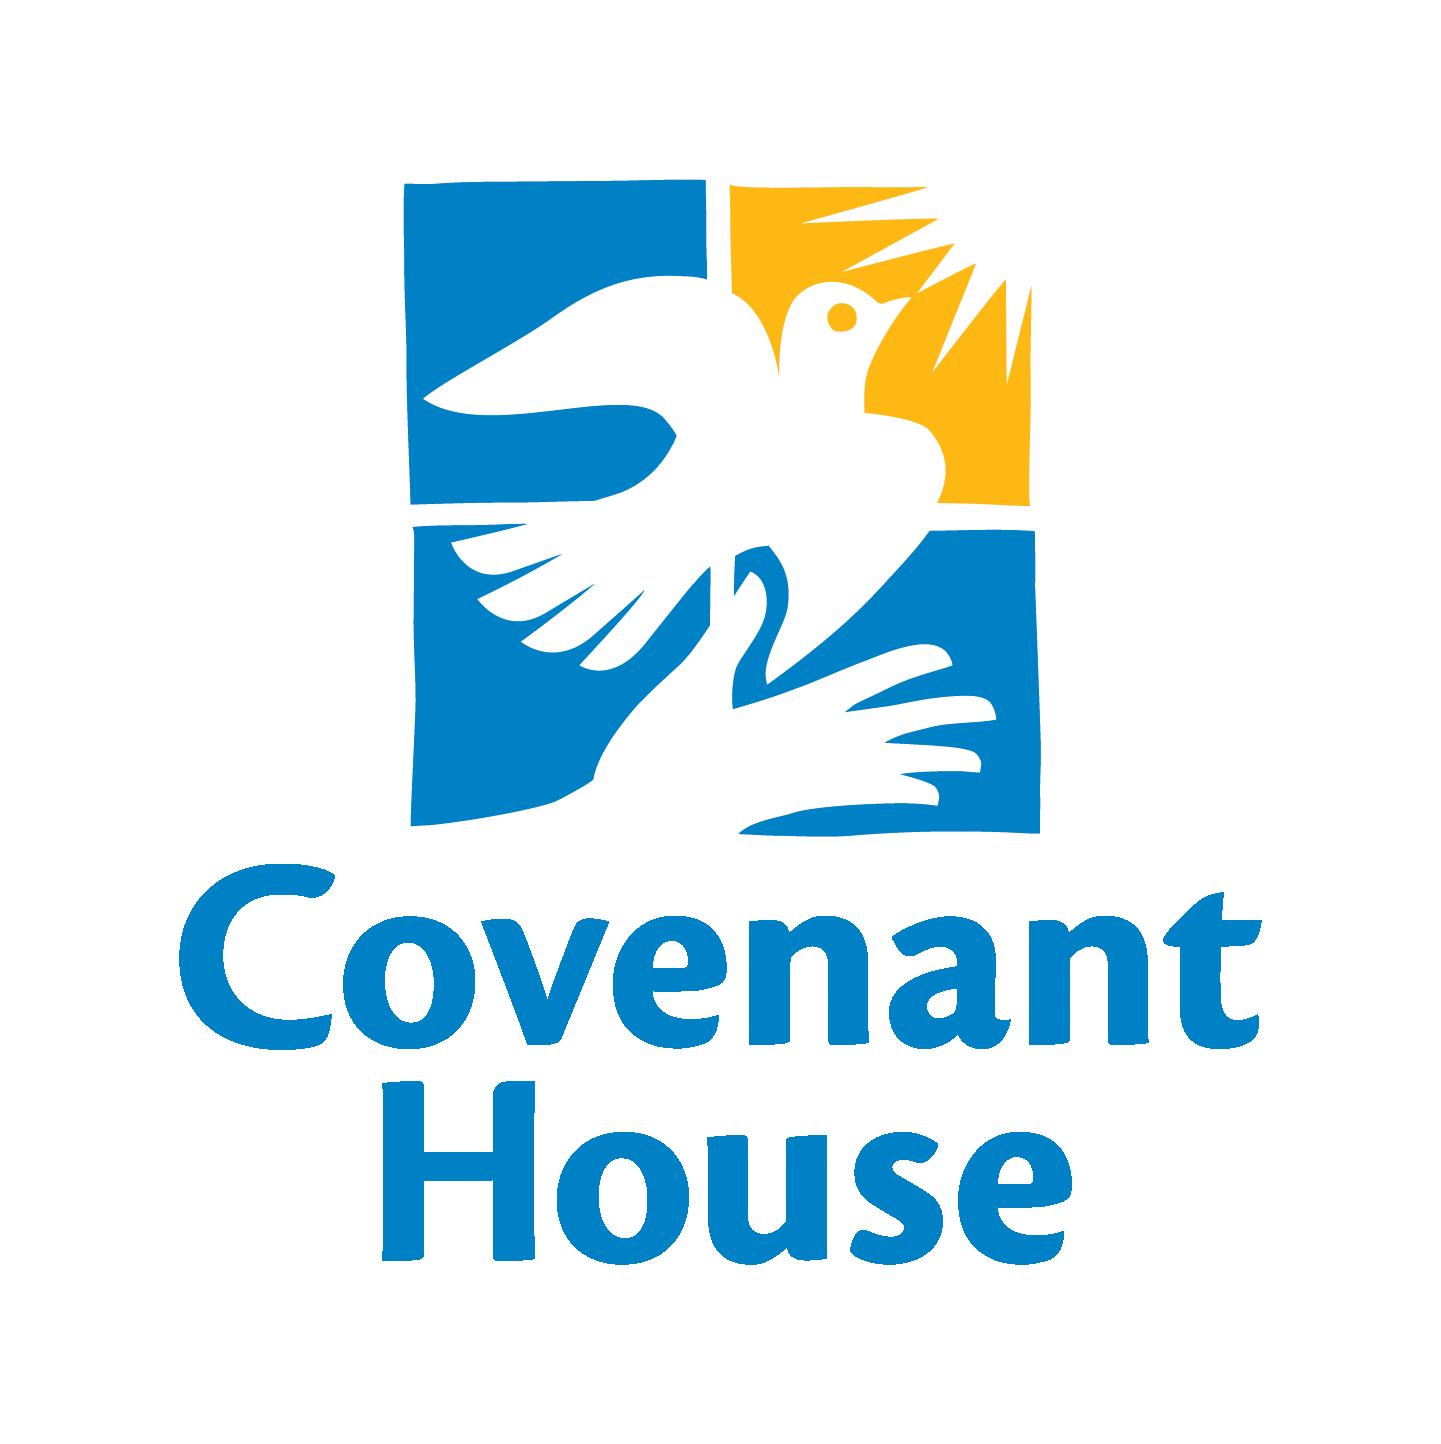 Logo de Covenant House New Orleans